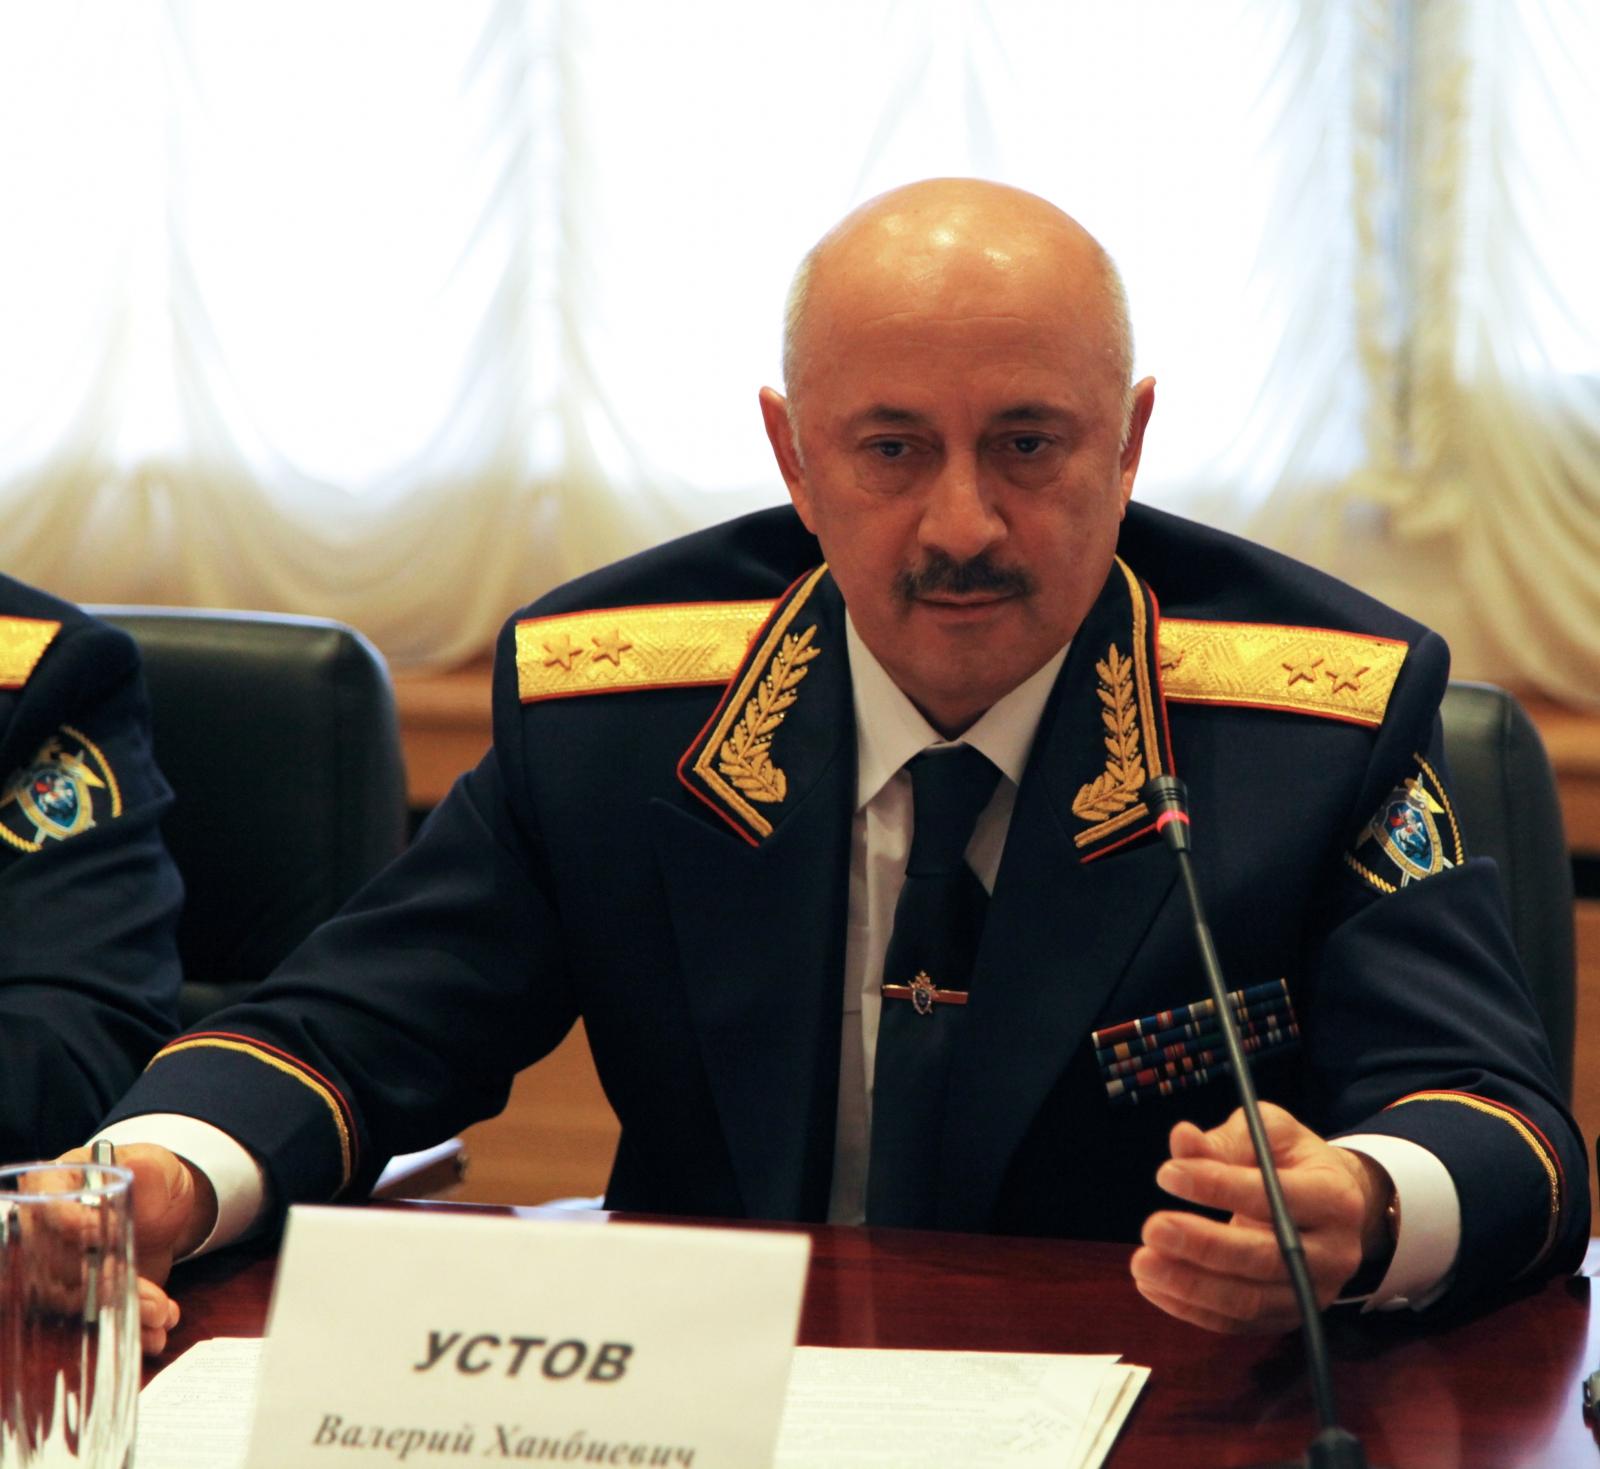 Руководителем Следственного комитета Северной Осетии назначен генерал-лейтенант юстиции Валерий Устов